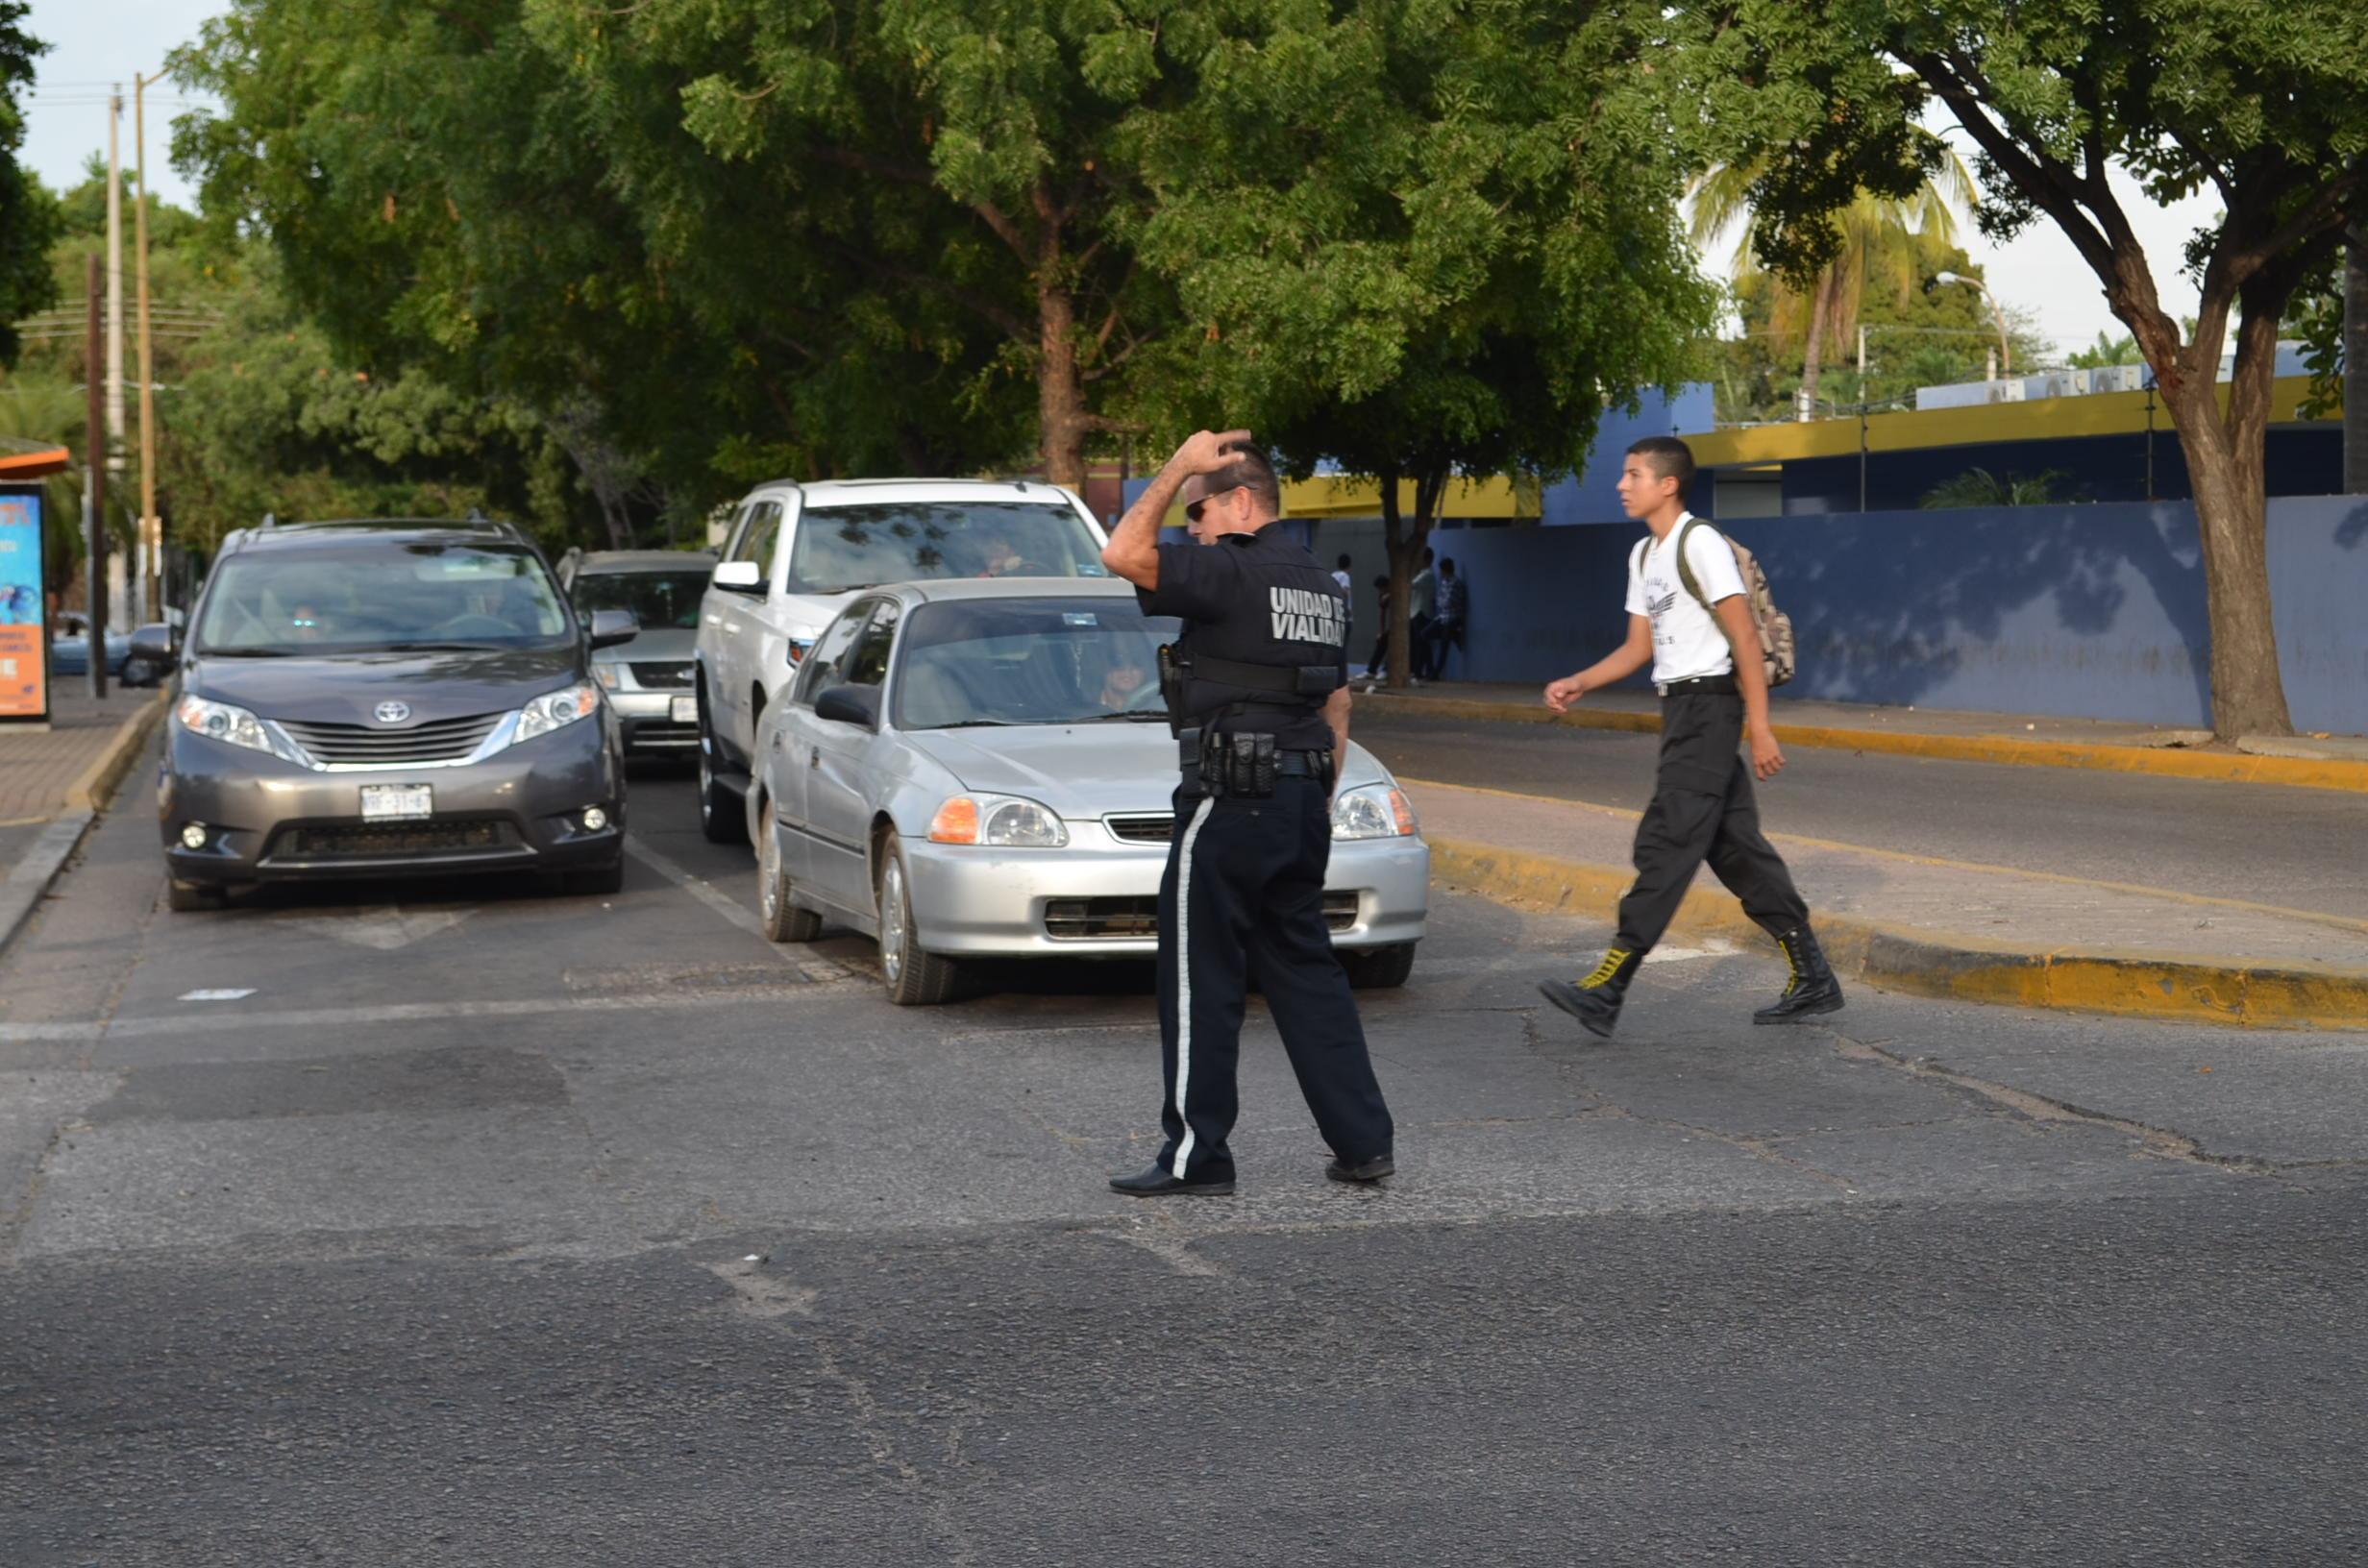 Aparecen agentes de tránsito municipales para ayudar al desvió de automóviles, sin embargo la protesta continua. Fotografía: Gabriela Sánchez